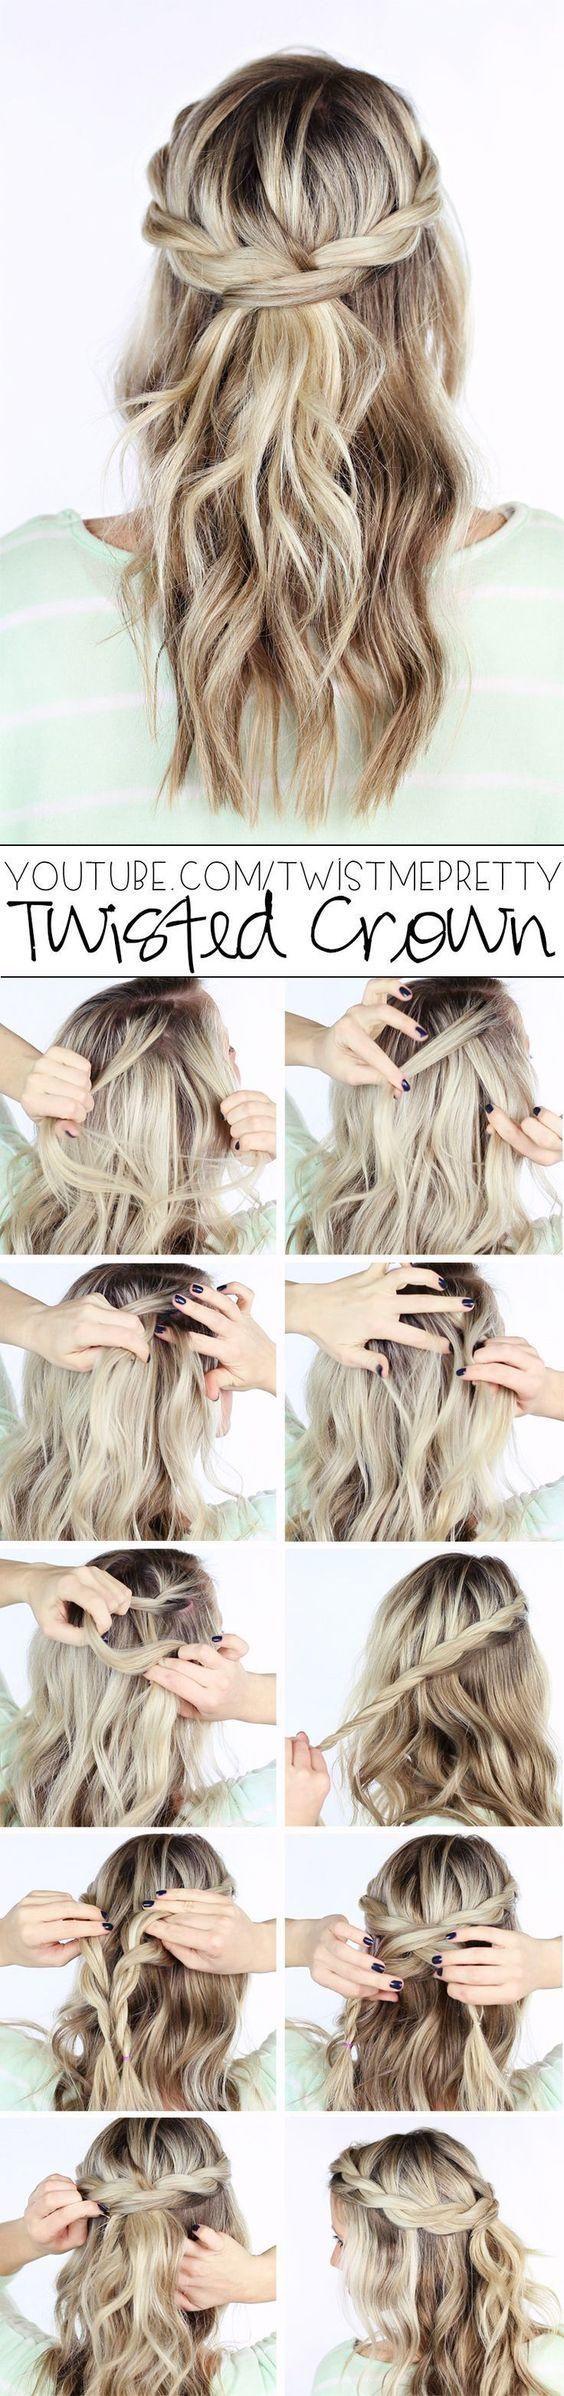 diy twisted crown wedding hairstyles